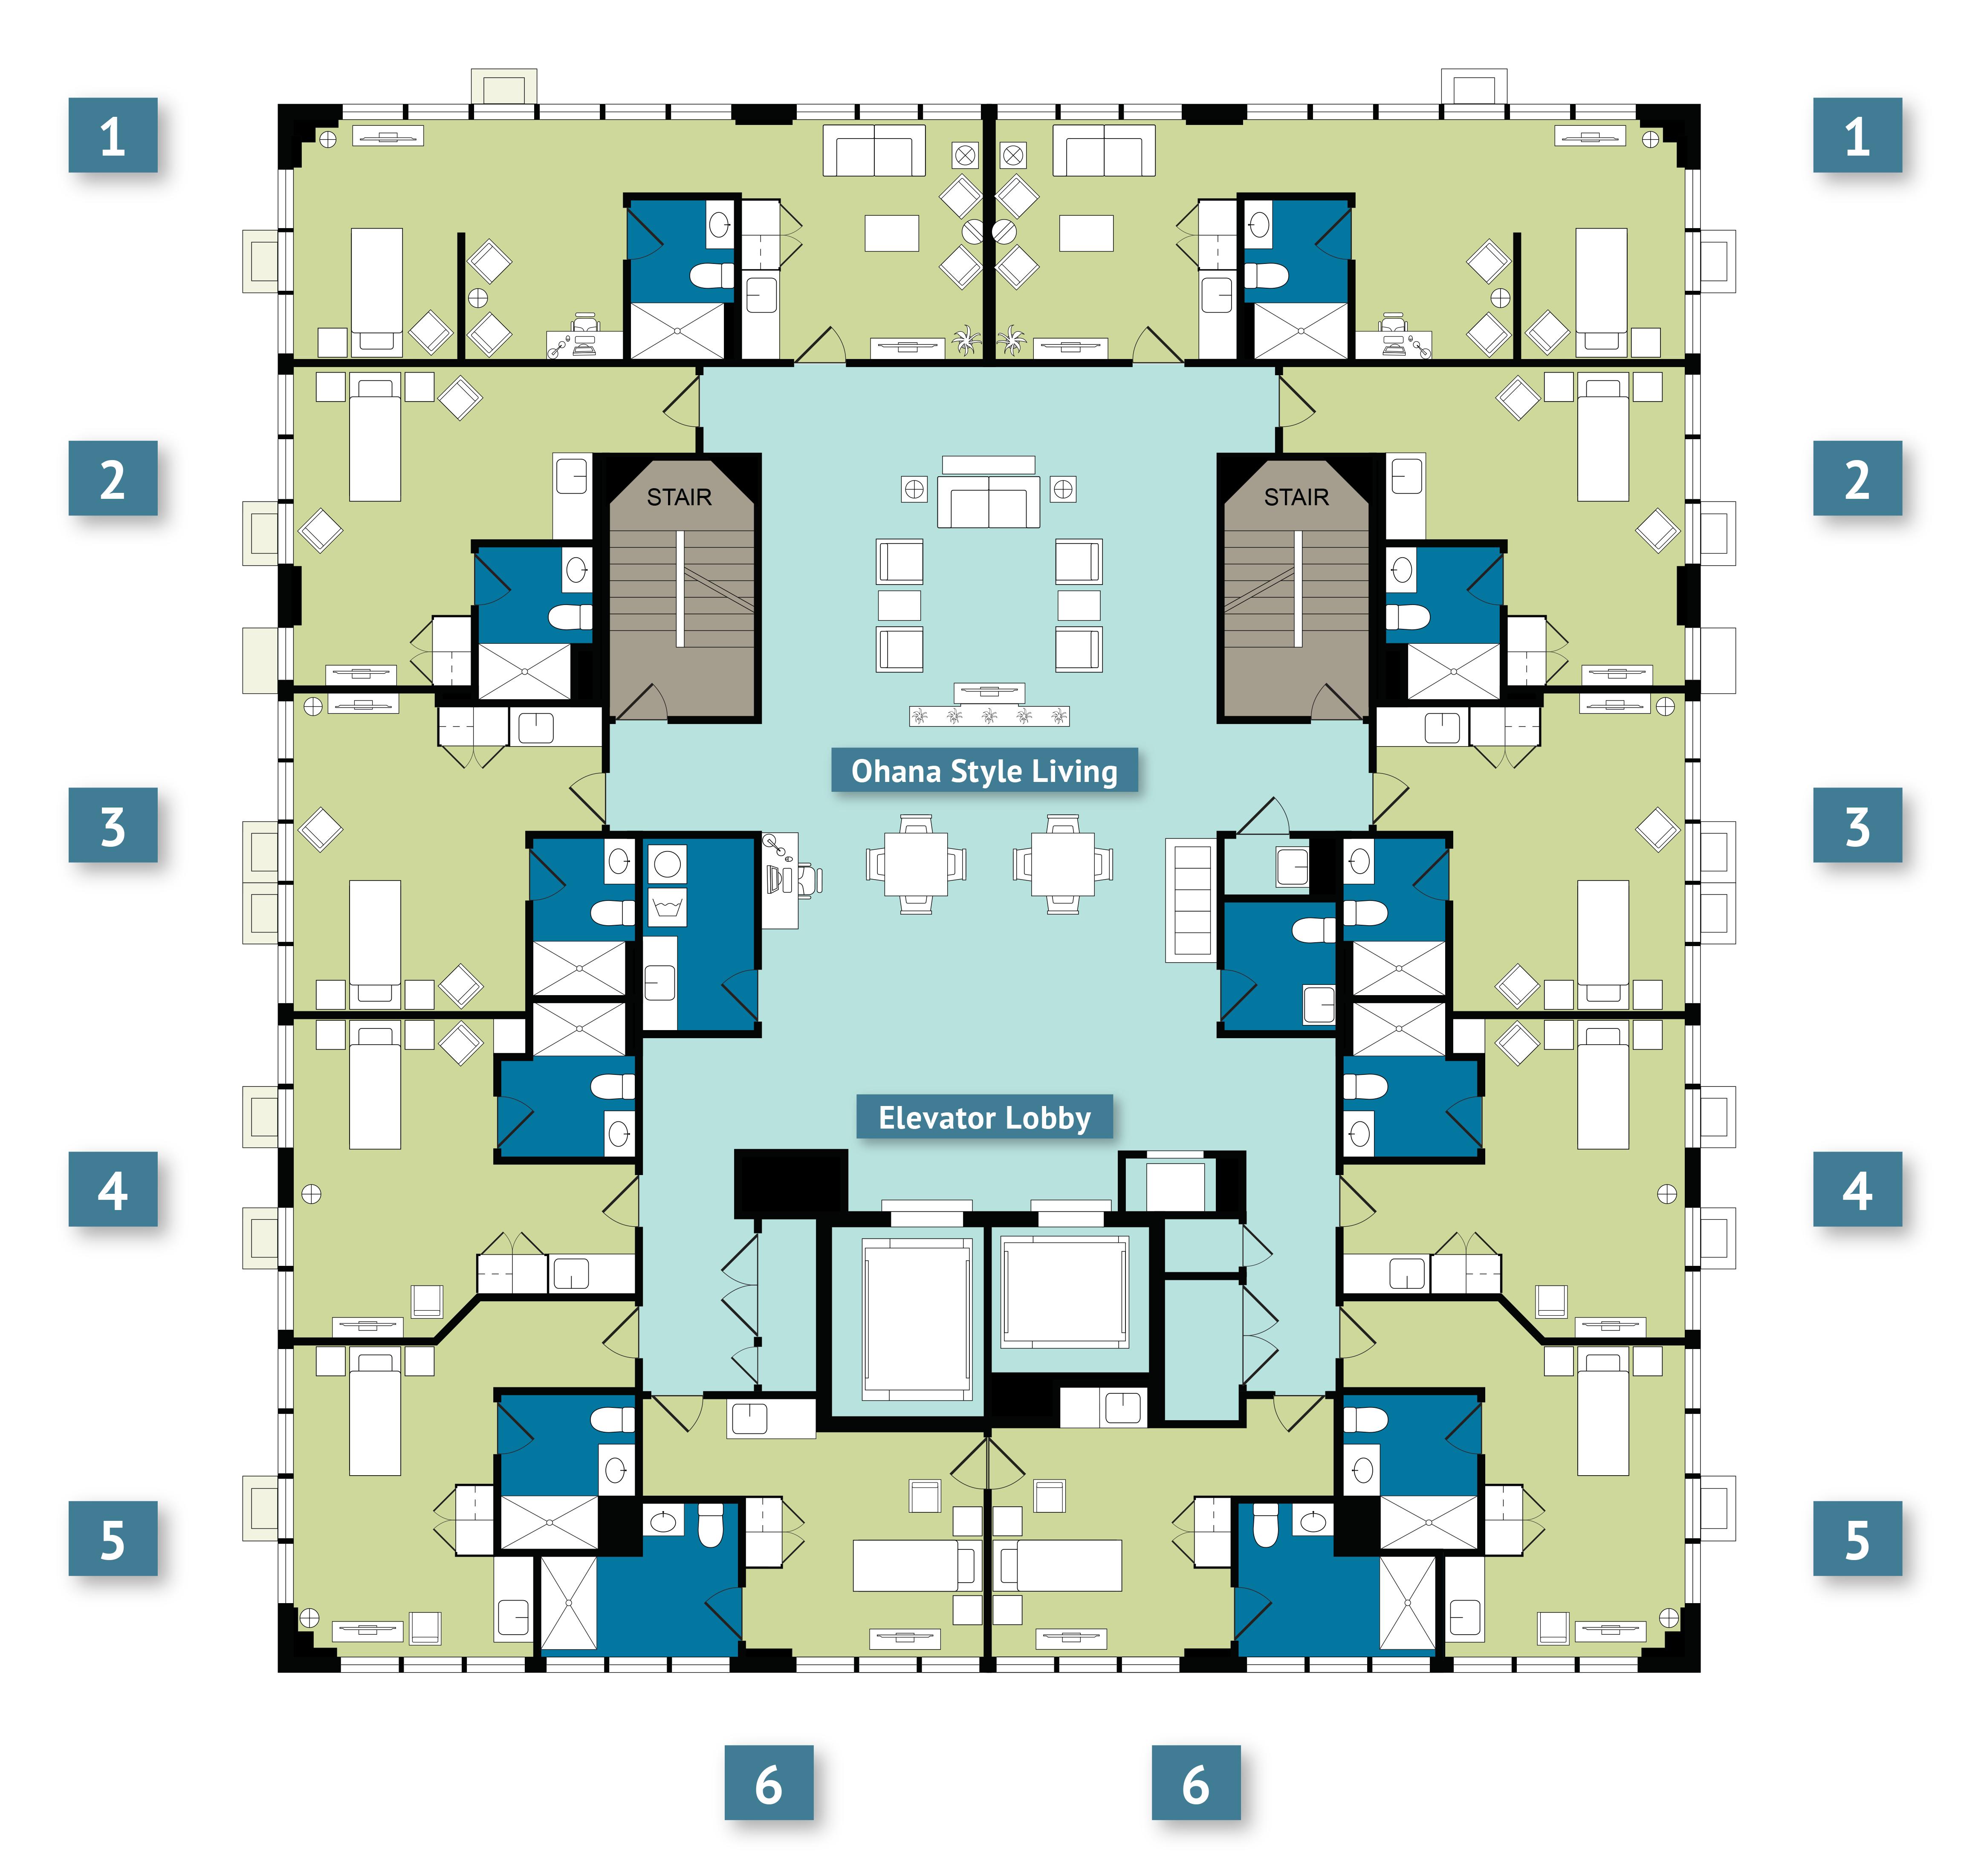 KG-FloorPlan-Mauka_Makai-LabelsV2_Crop1